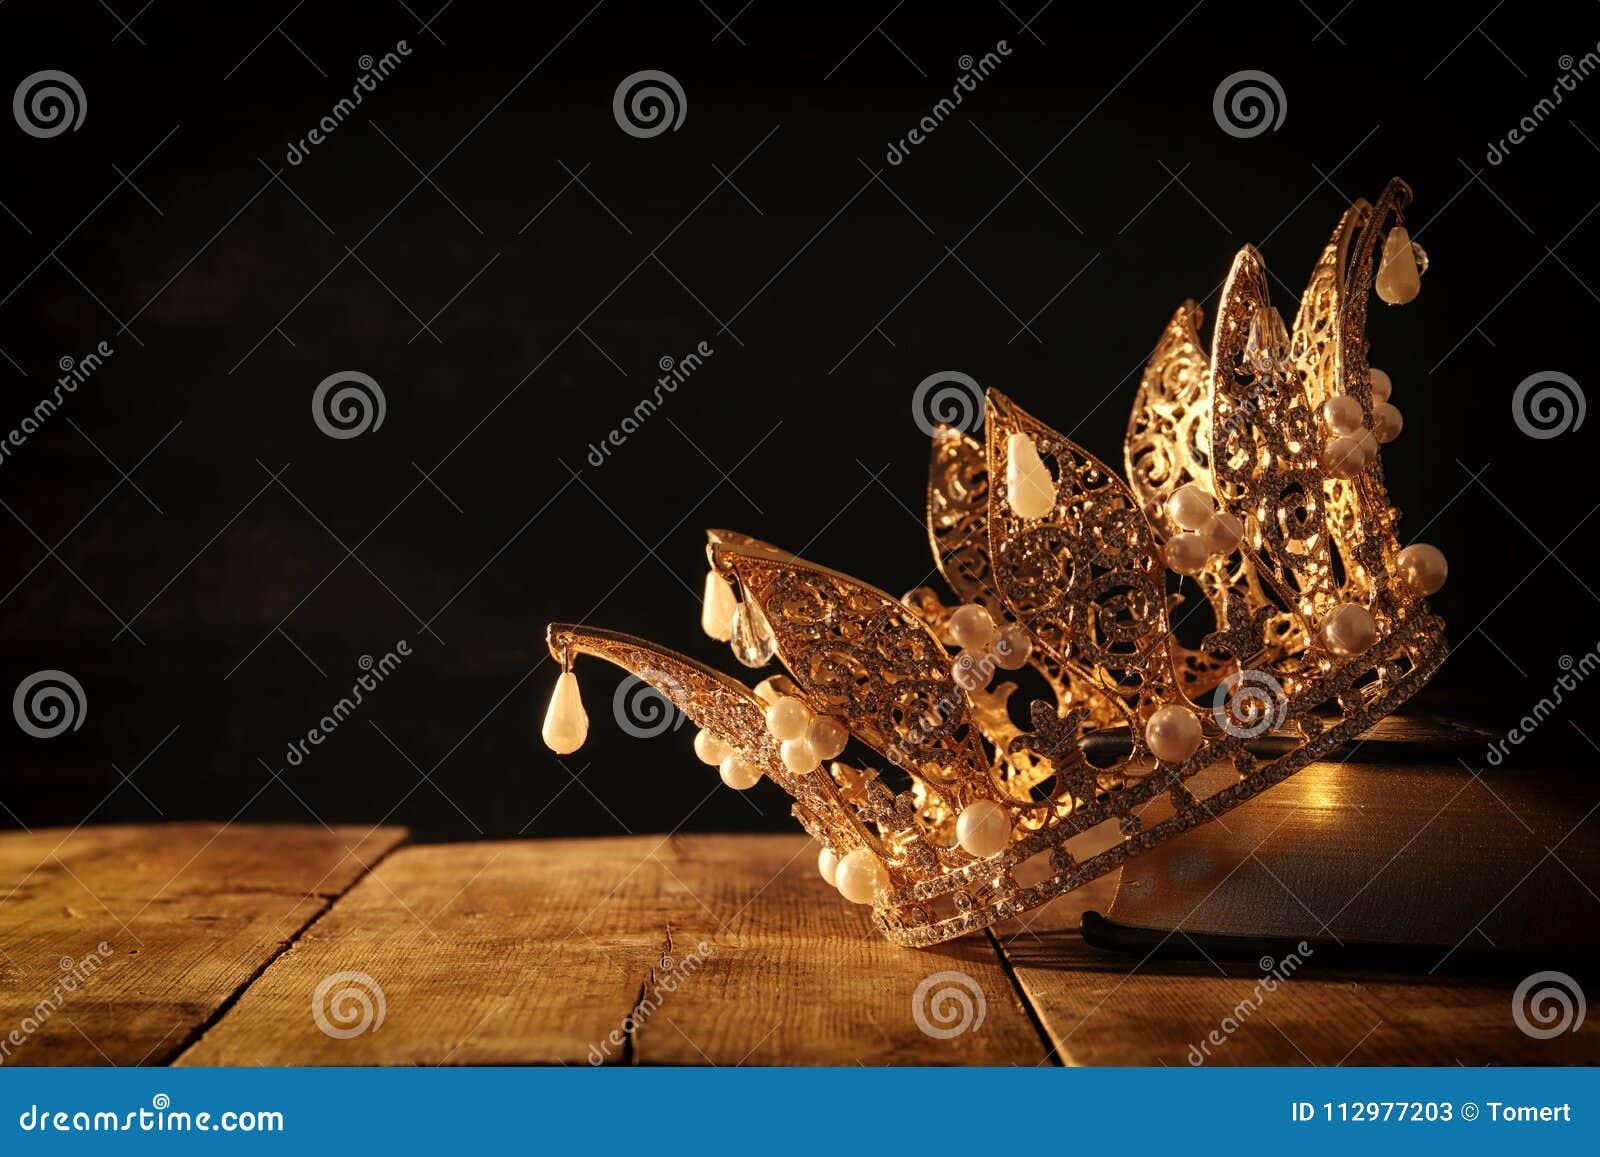 Image discrète de belles reine/couronne de roi sur le vieux livre période médiévale d imagination Foyer sélectif